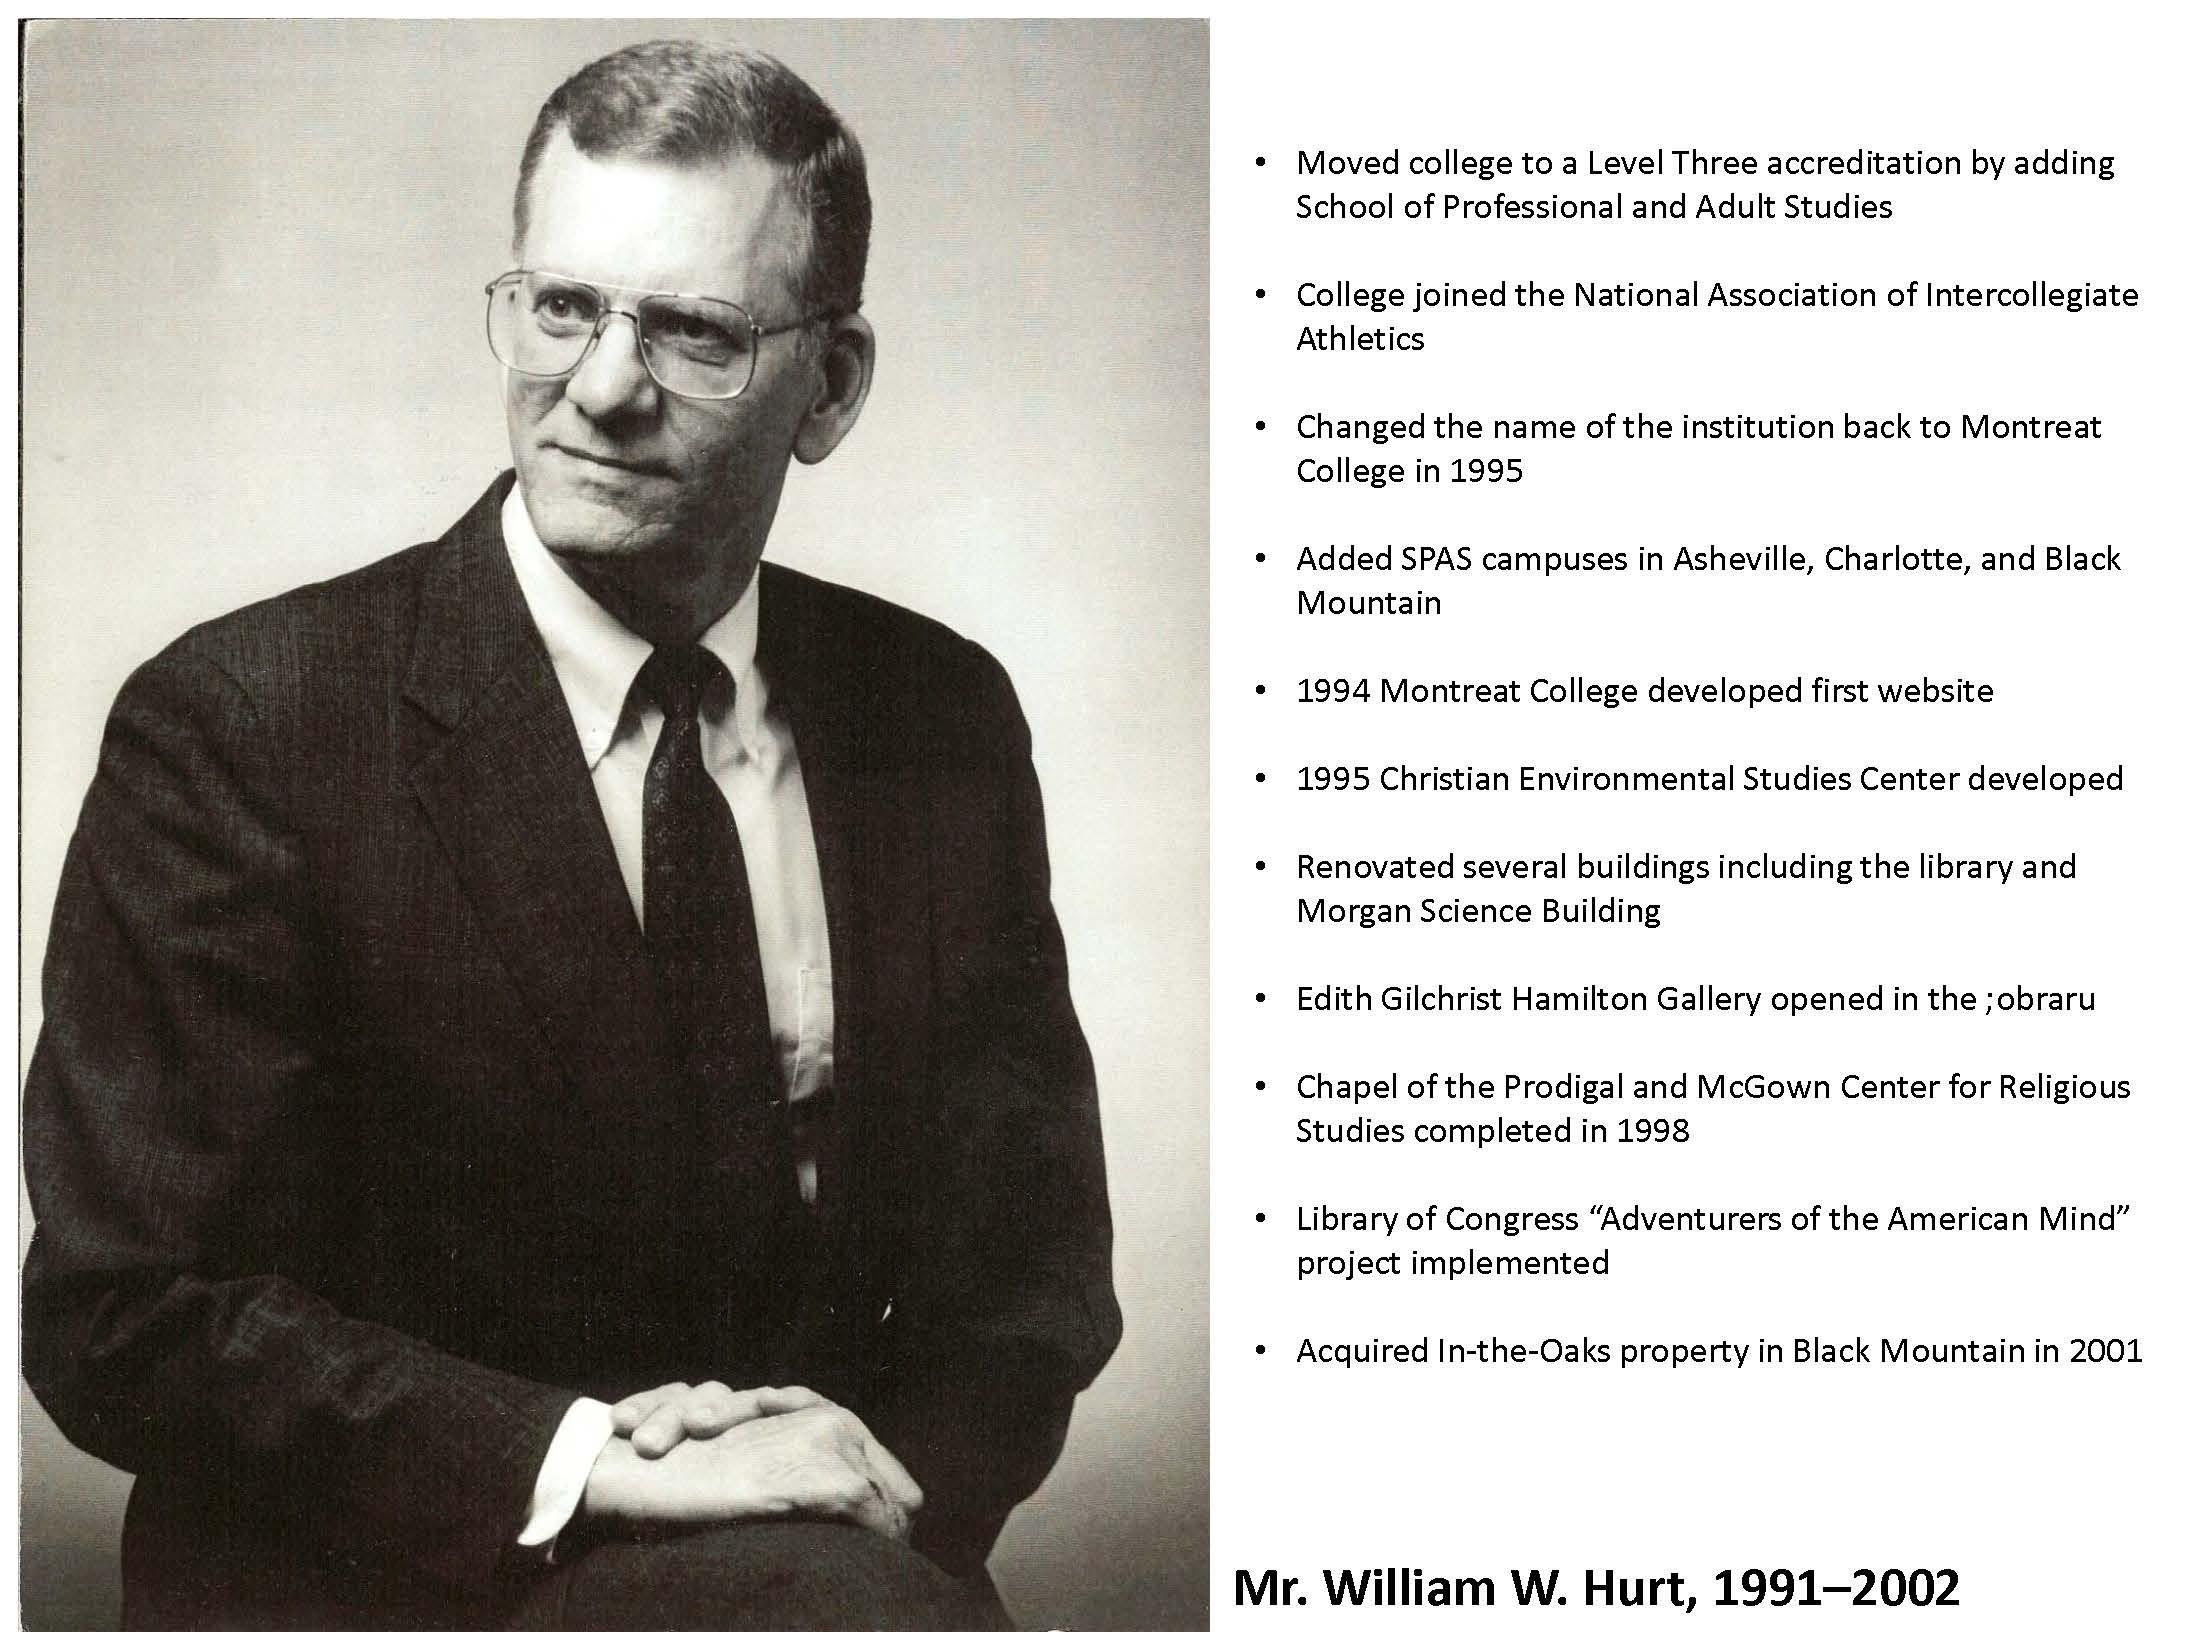 Mr. William W. Hurt